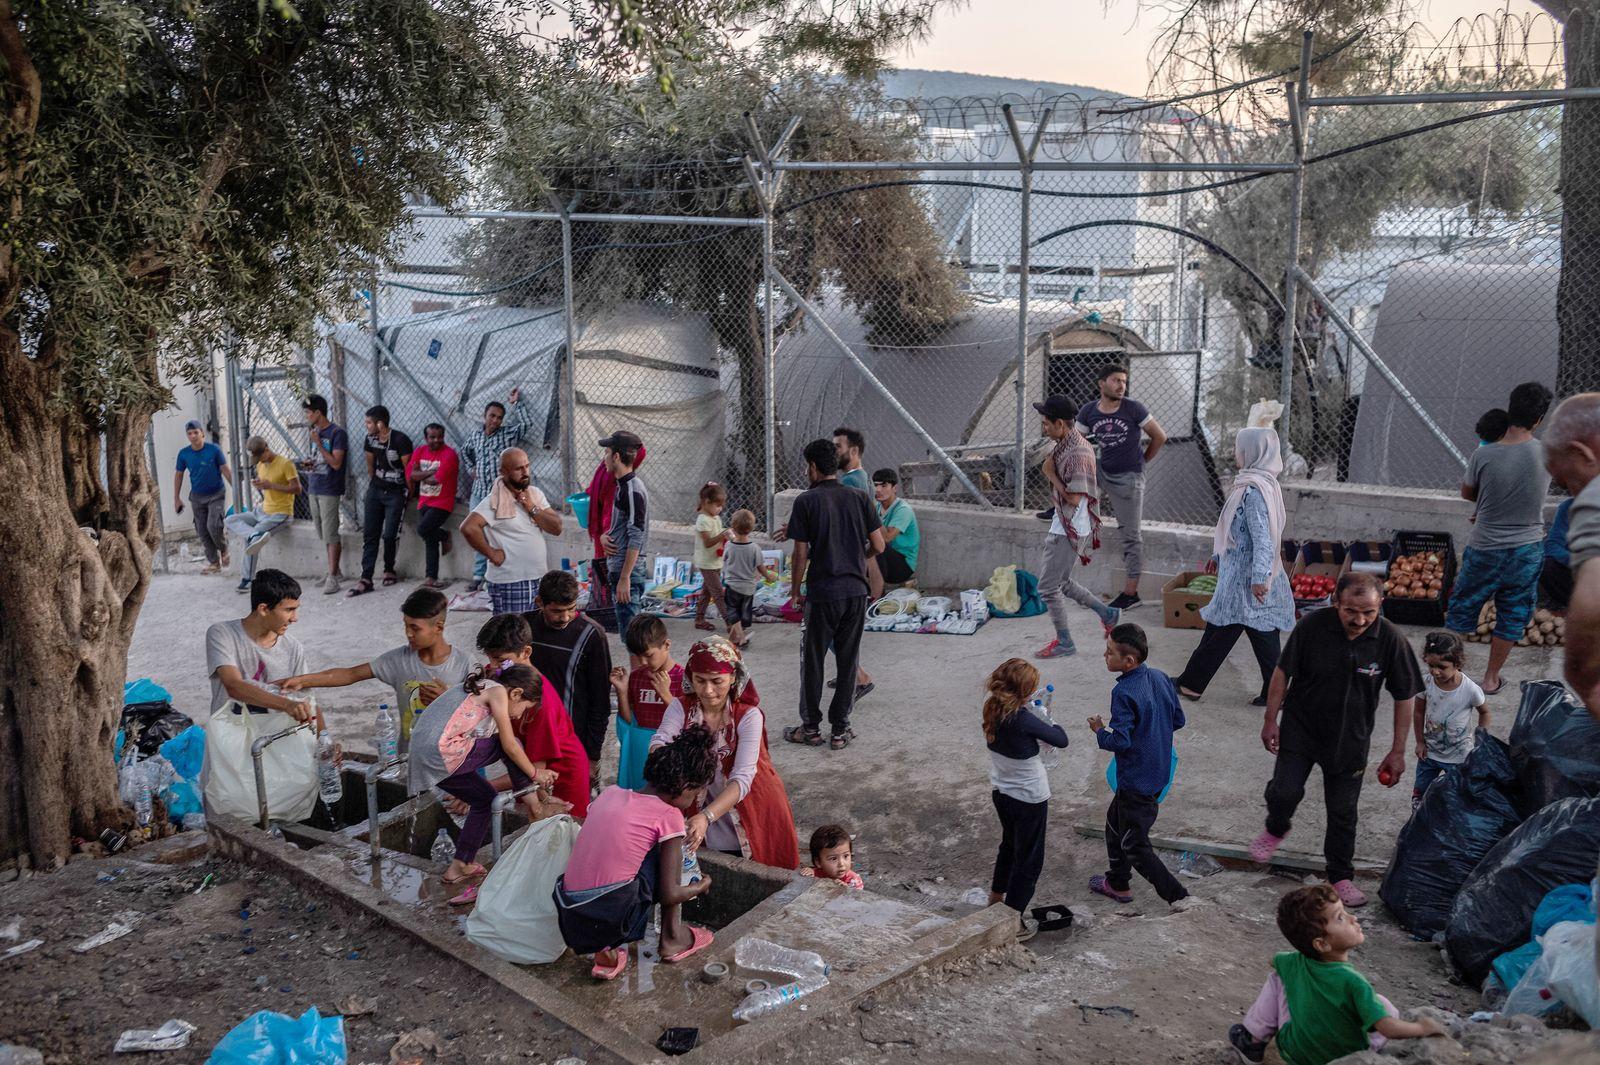 Griechenland/ Flüchtlingskrise/ Flüchtlingslager